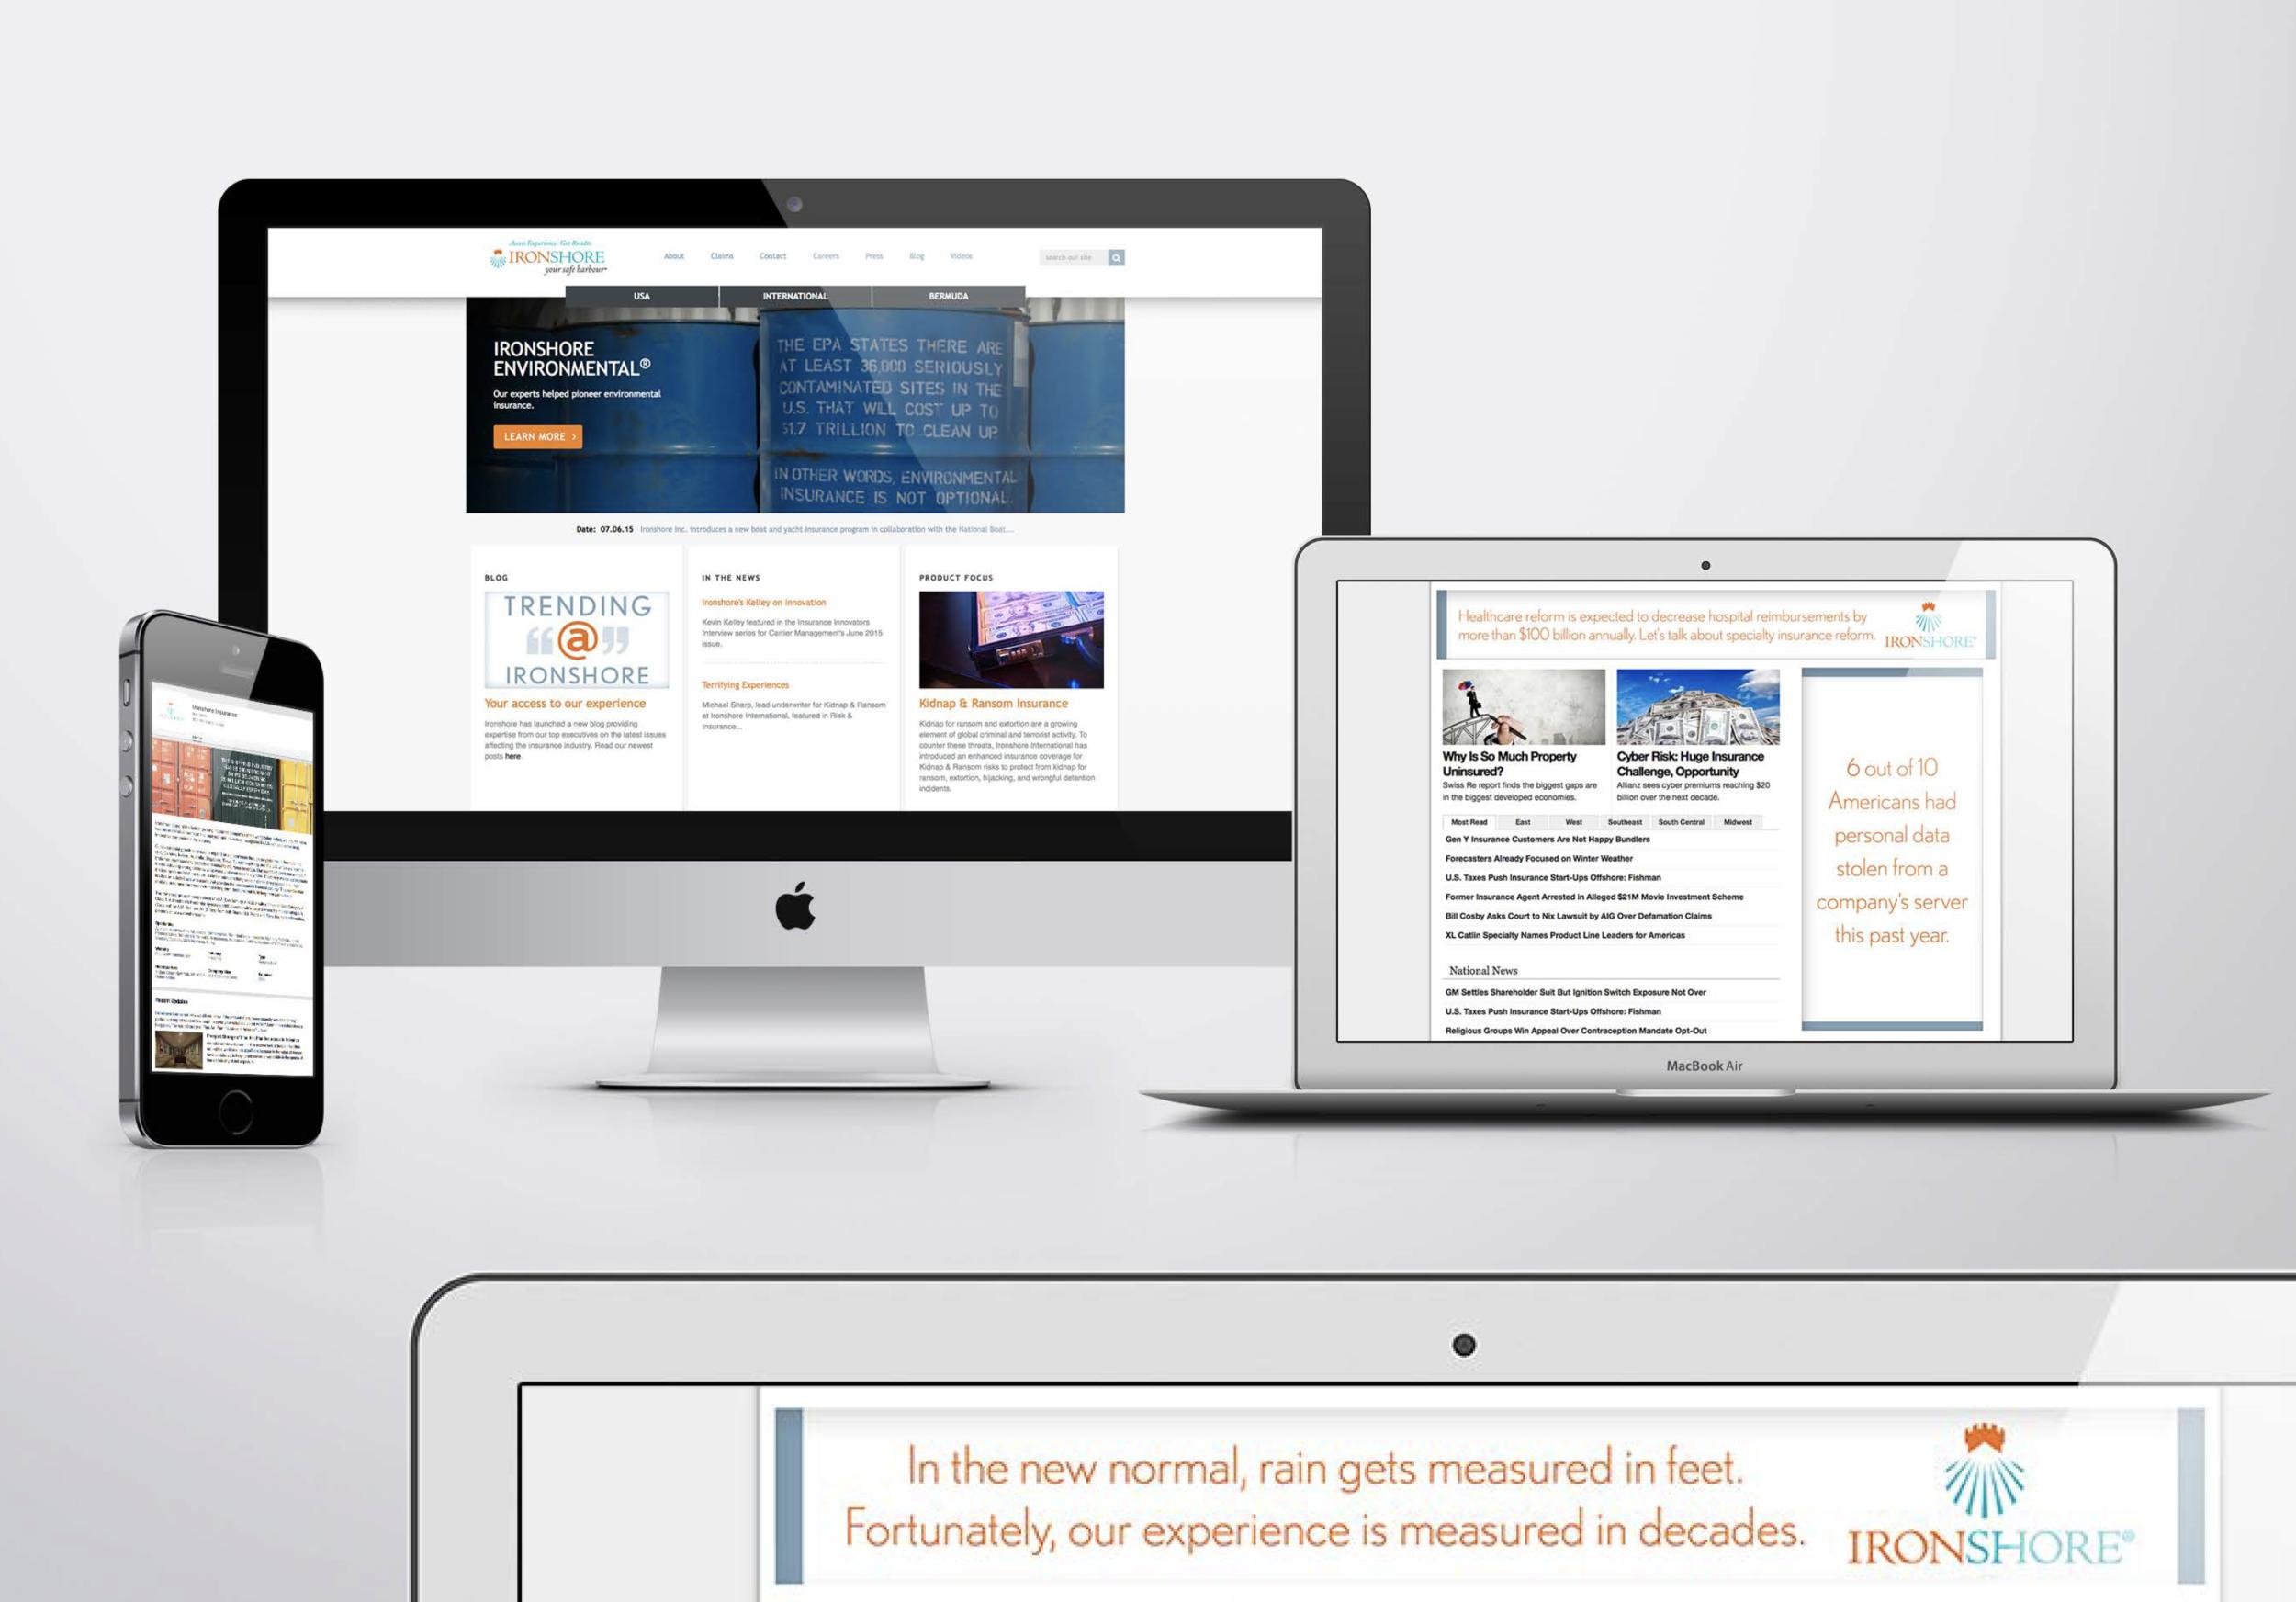 ironshore-insurance-online-advertising.jpg